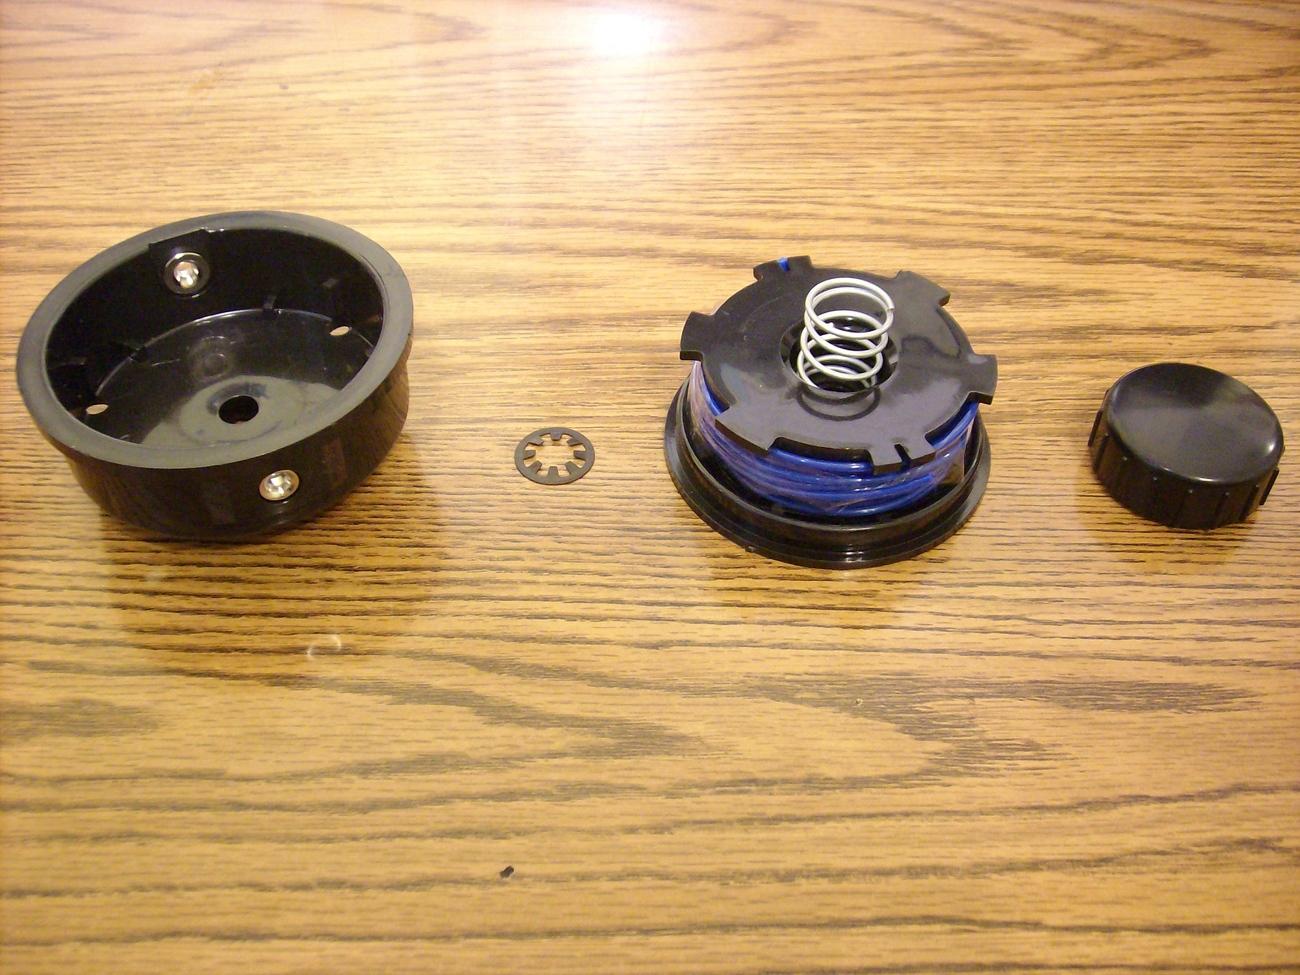 Bump Head Ryobi, Yard Machines 700R, 710R, 720R, 740R, 750R, 760R, 791-153577B